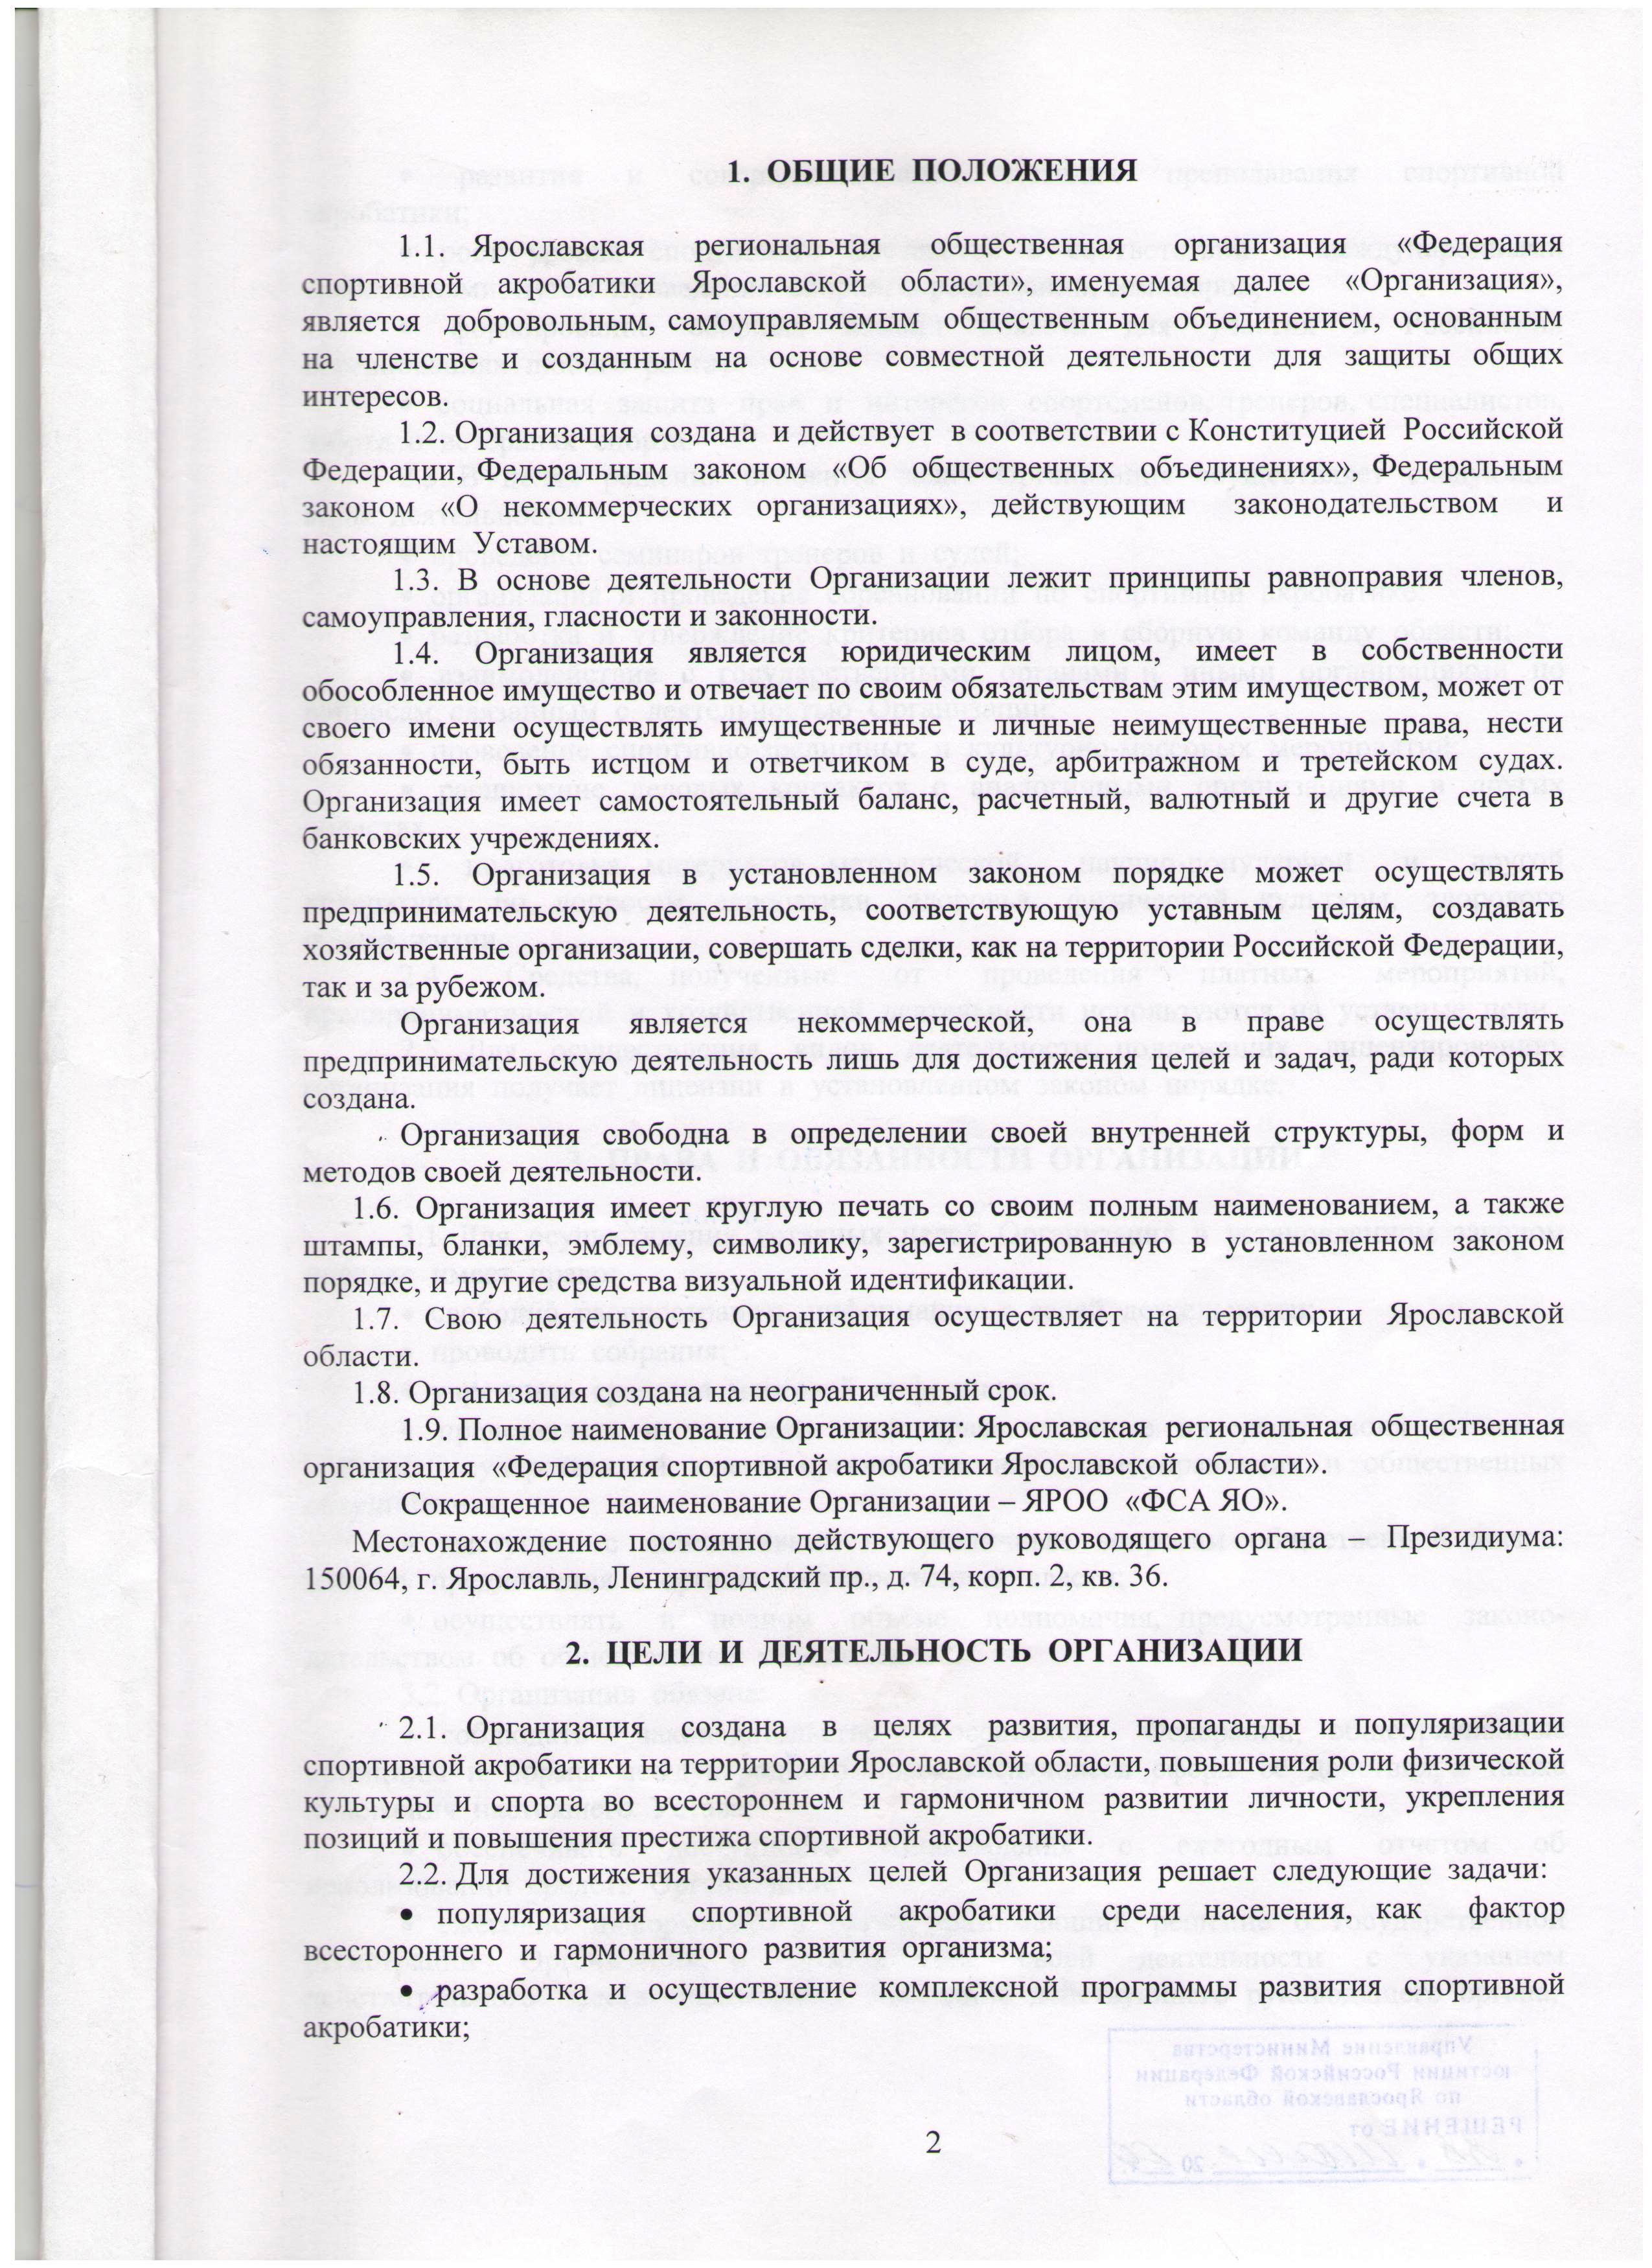 Устав ФСА ЯО 002